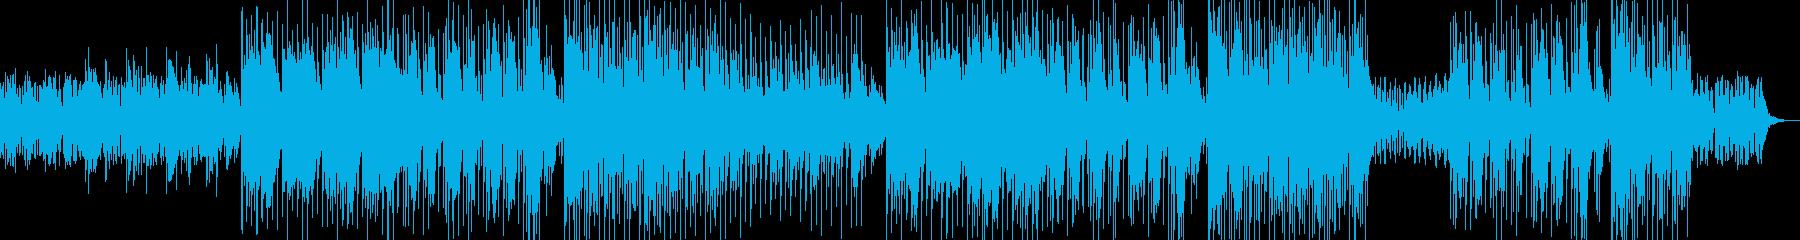 夜の洞窟をイメージした曲の再生済みの波形